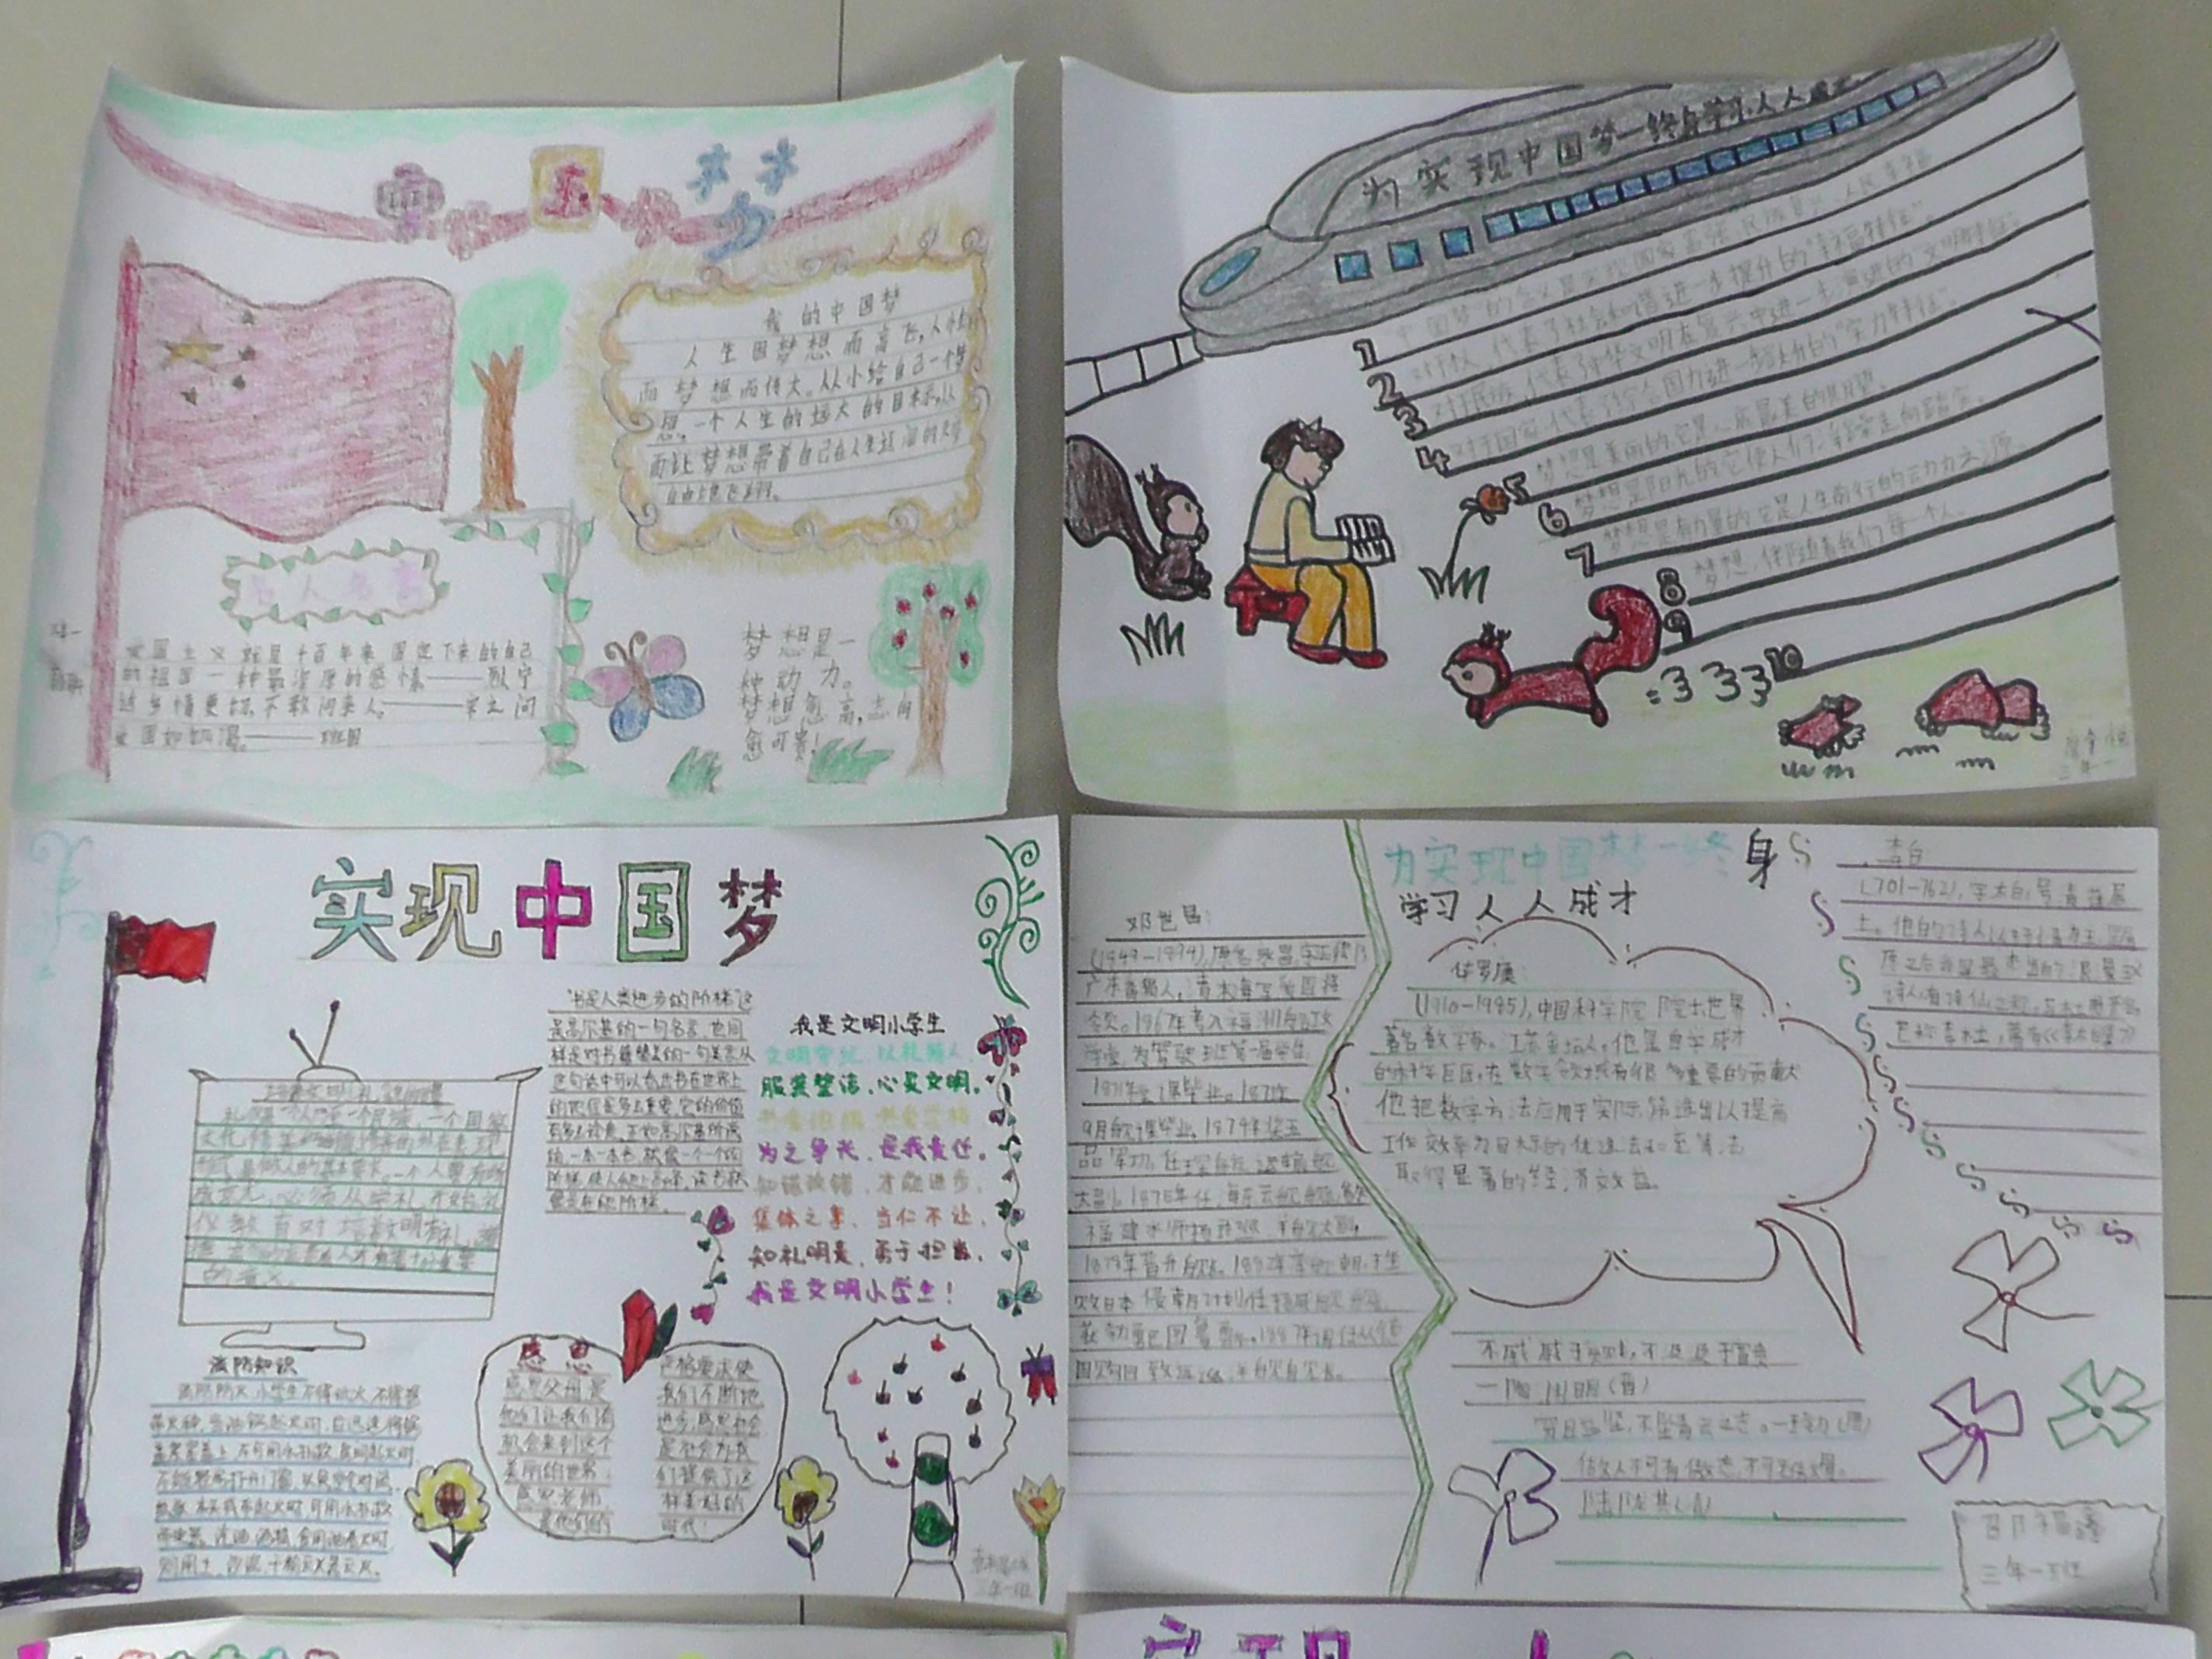 为实现中国梦 终身学习,人人成才 手抄报比赛